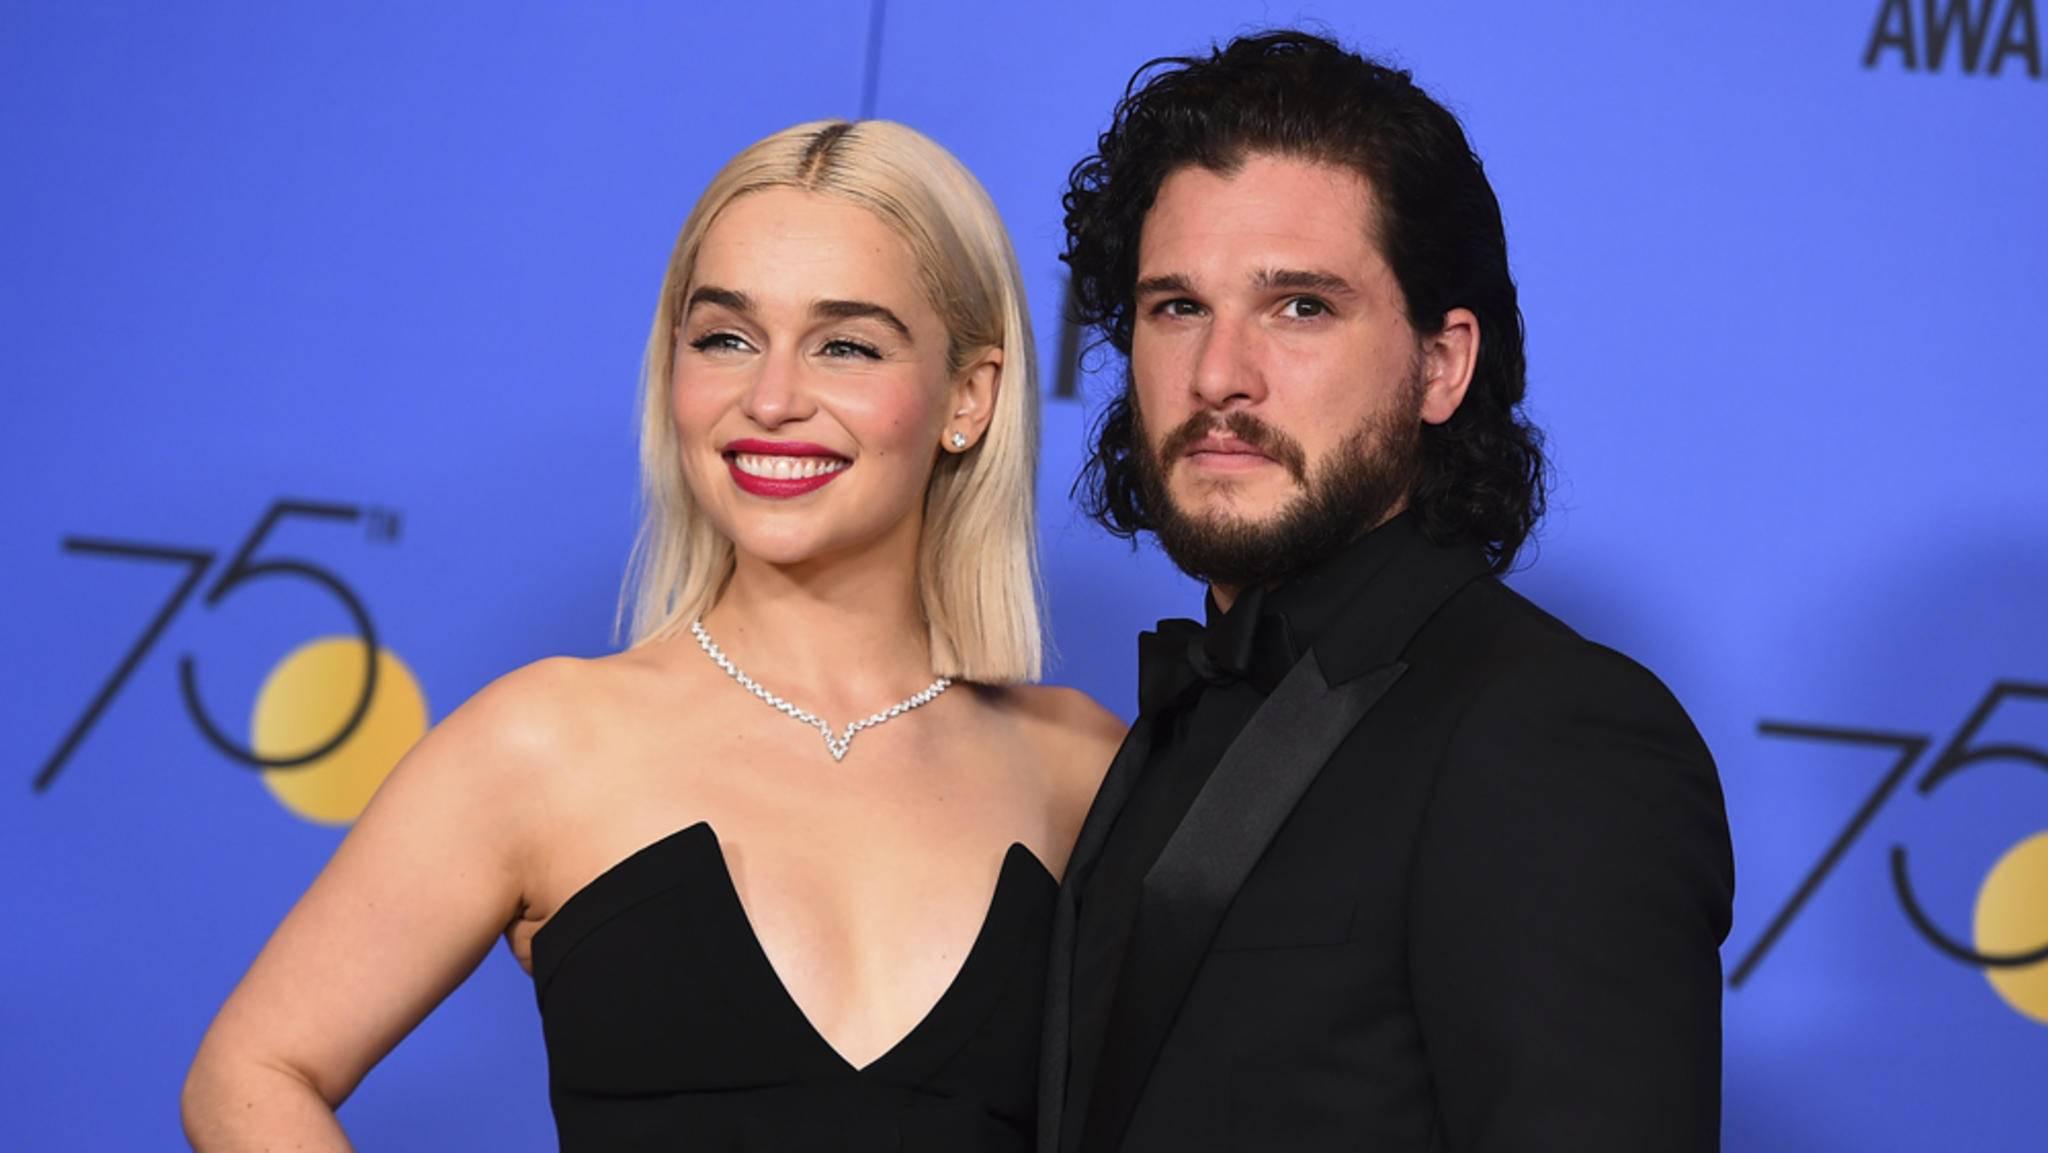 """Auch die """"Game of Thrones""""-Stars Emilia Clarke und Kit Harington zeigten sich bei den Golden Globes 2018 solidarisch und kamen im Sinne der #MeToo-Bewegung ganz in Schwarz."""